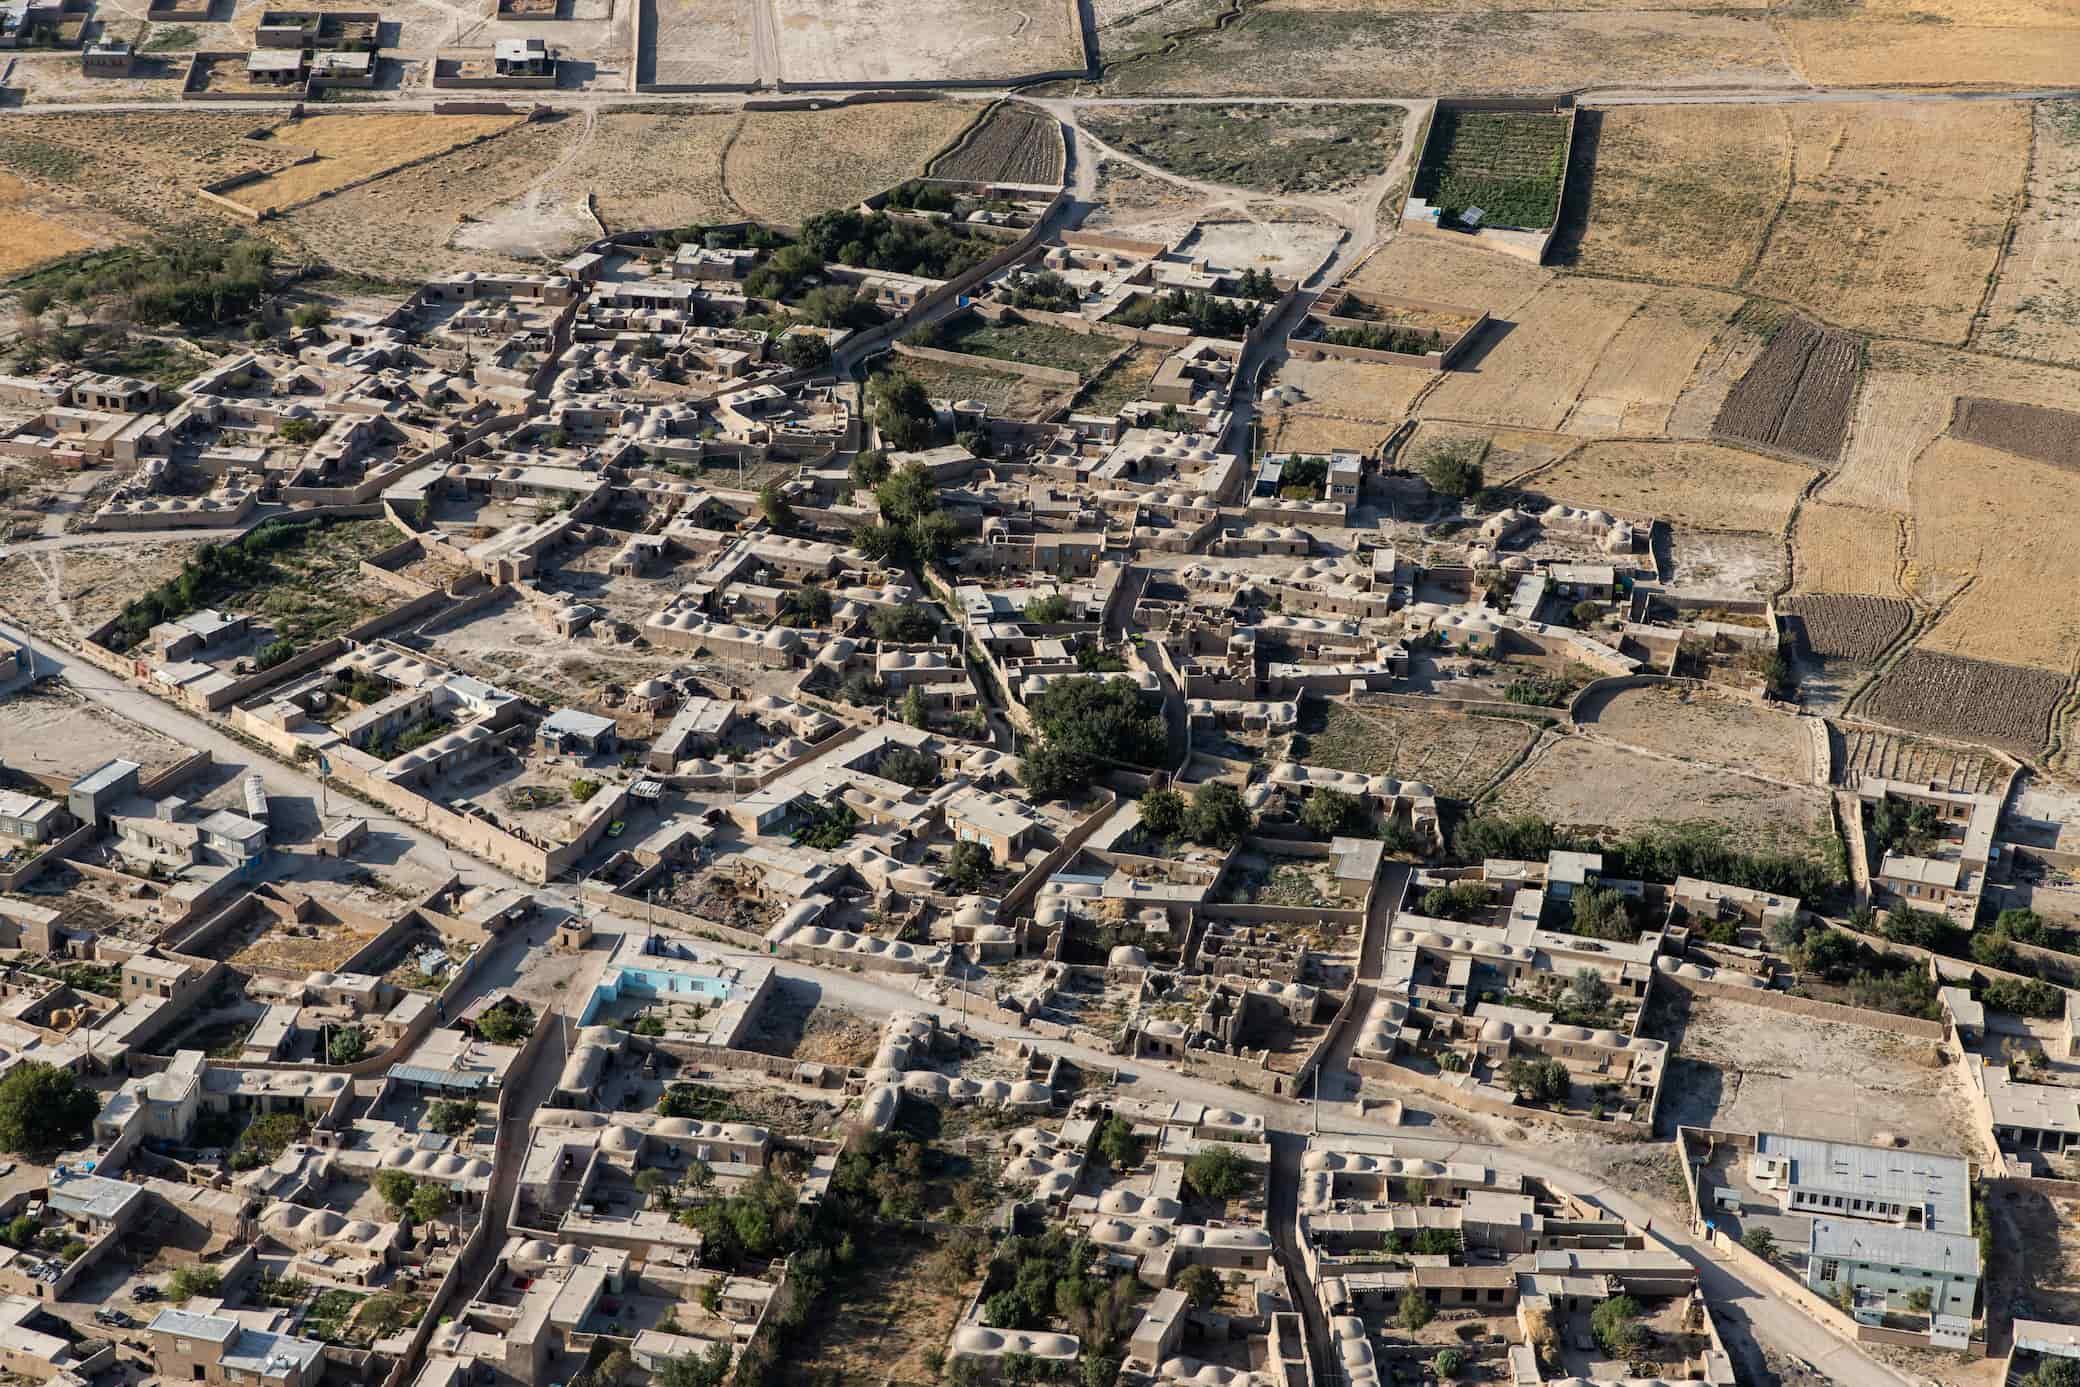 Tình hình Afghanistan: 3 cách mà Canada có thể giúp người tị nạn